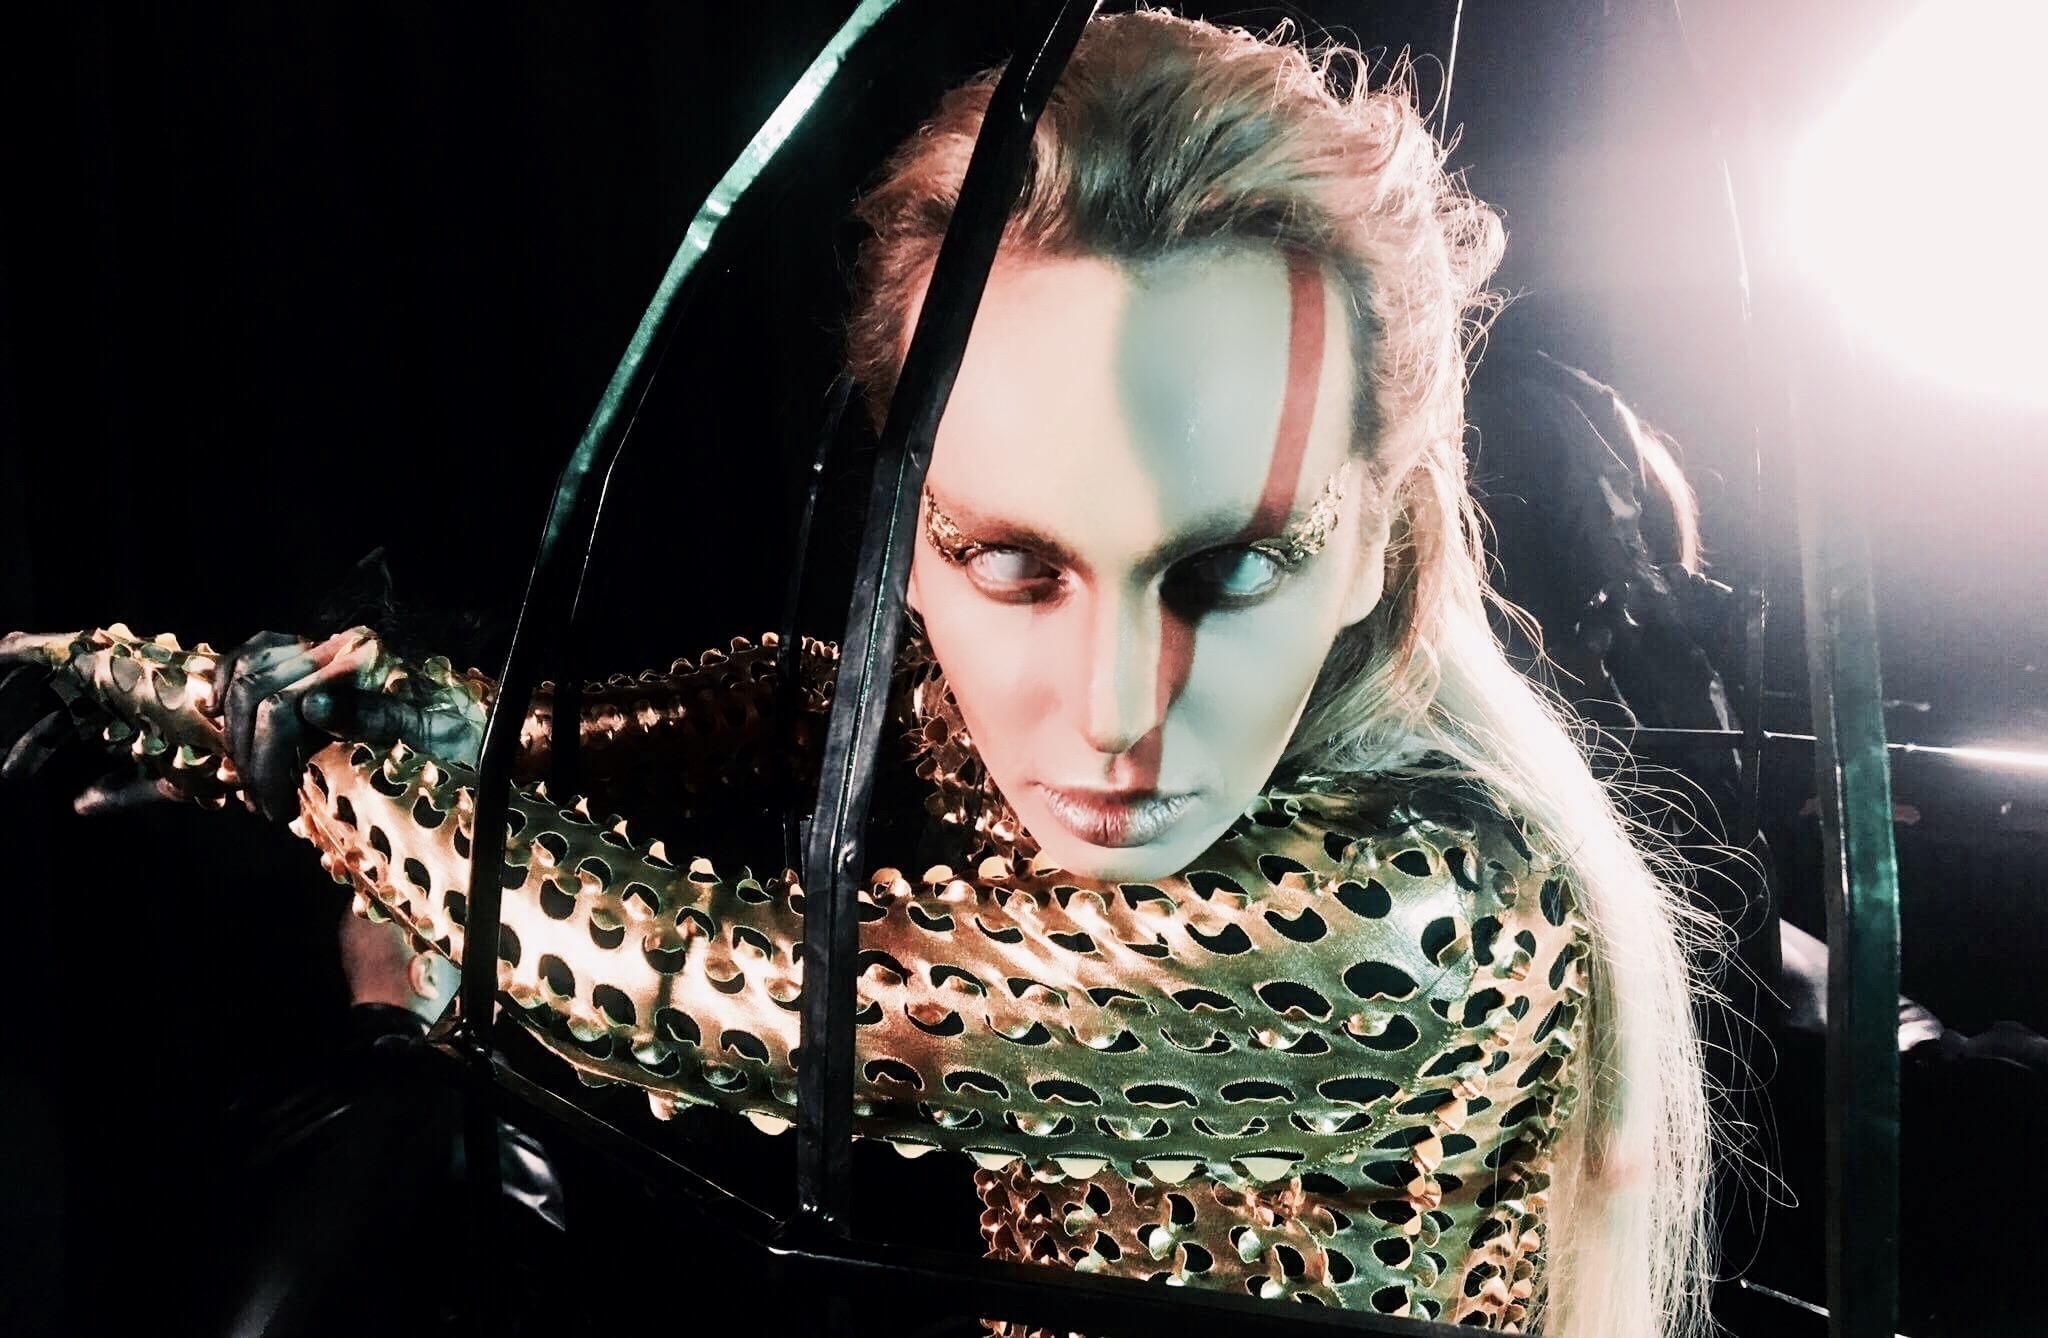 Madox powraca po dlugiej przerwie z nowym singlem!